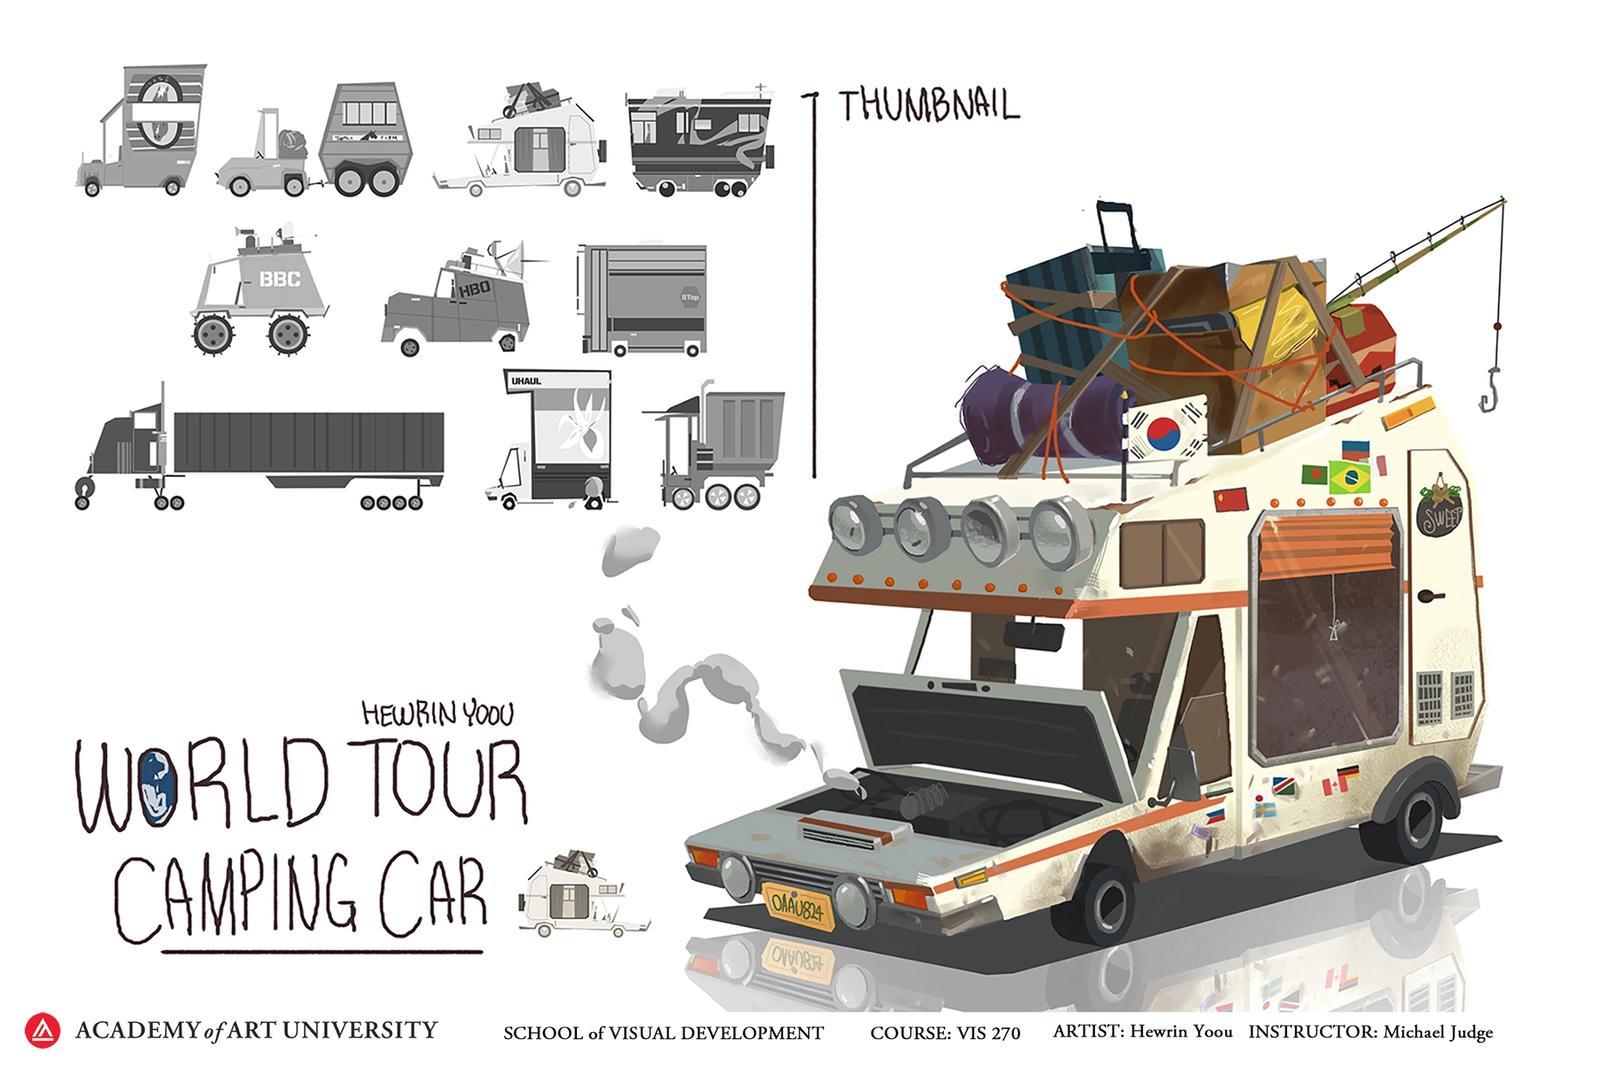 World Tour Camping Car - Hewrin Yoou